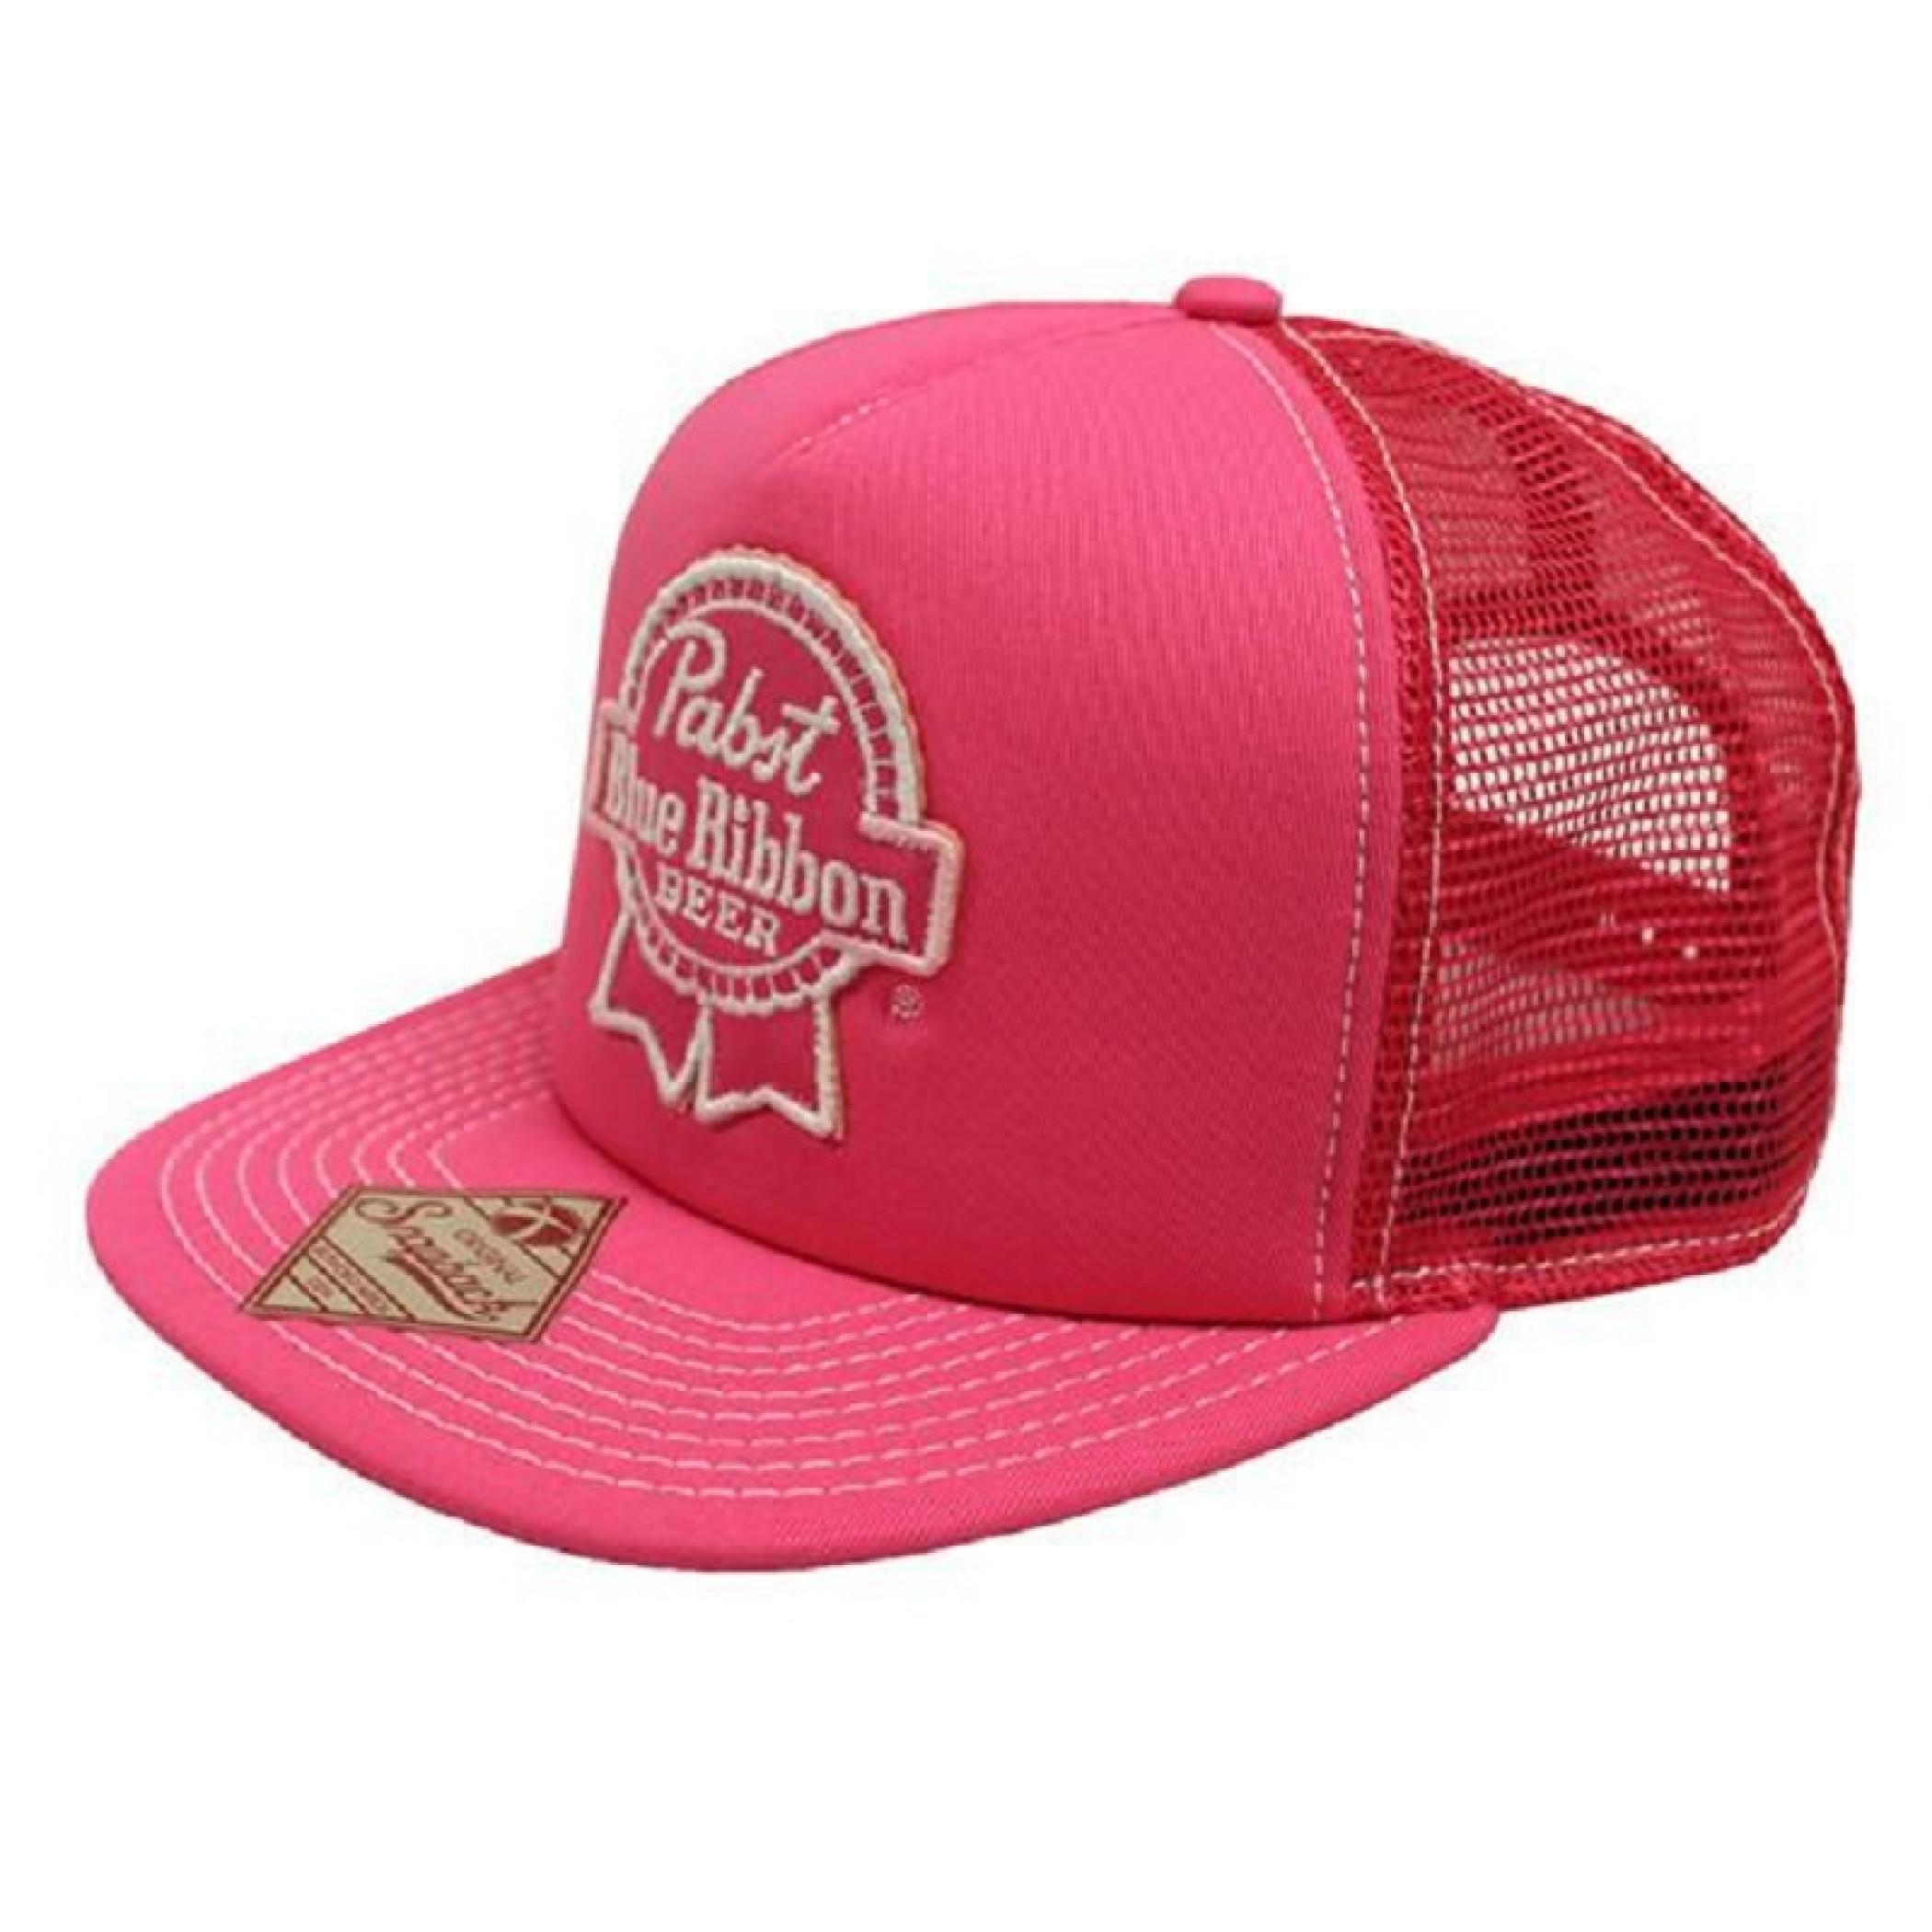 PBR Pink Trucker Hat